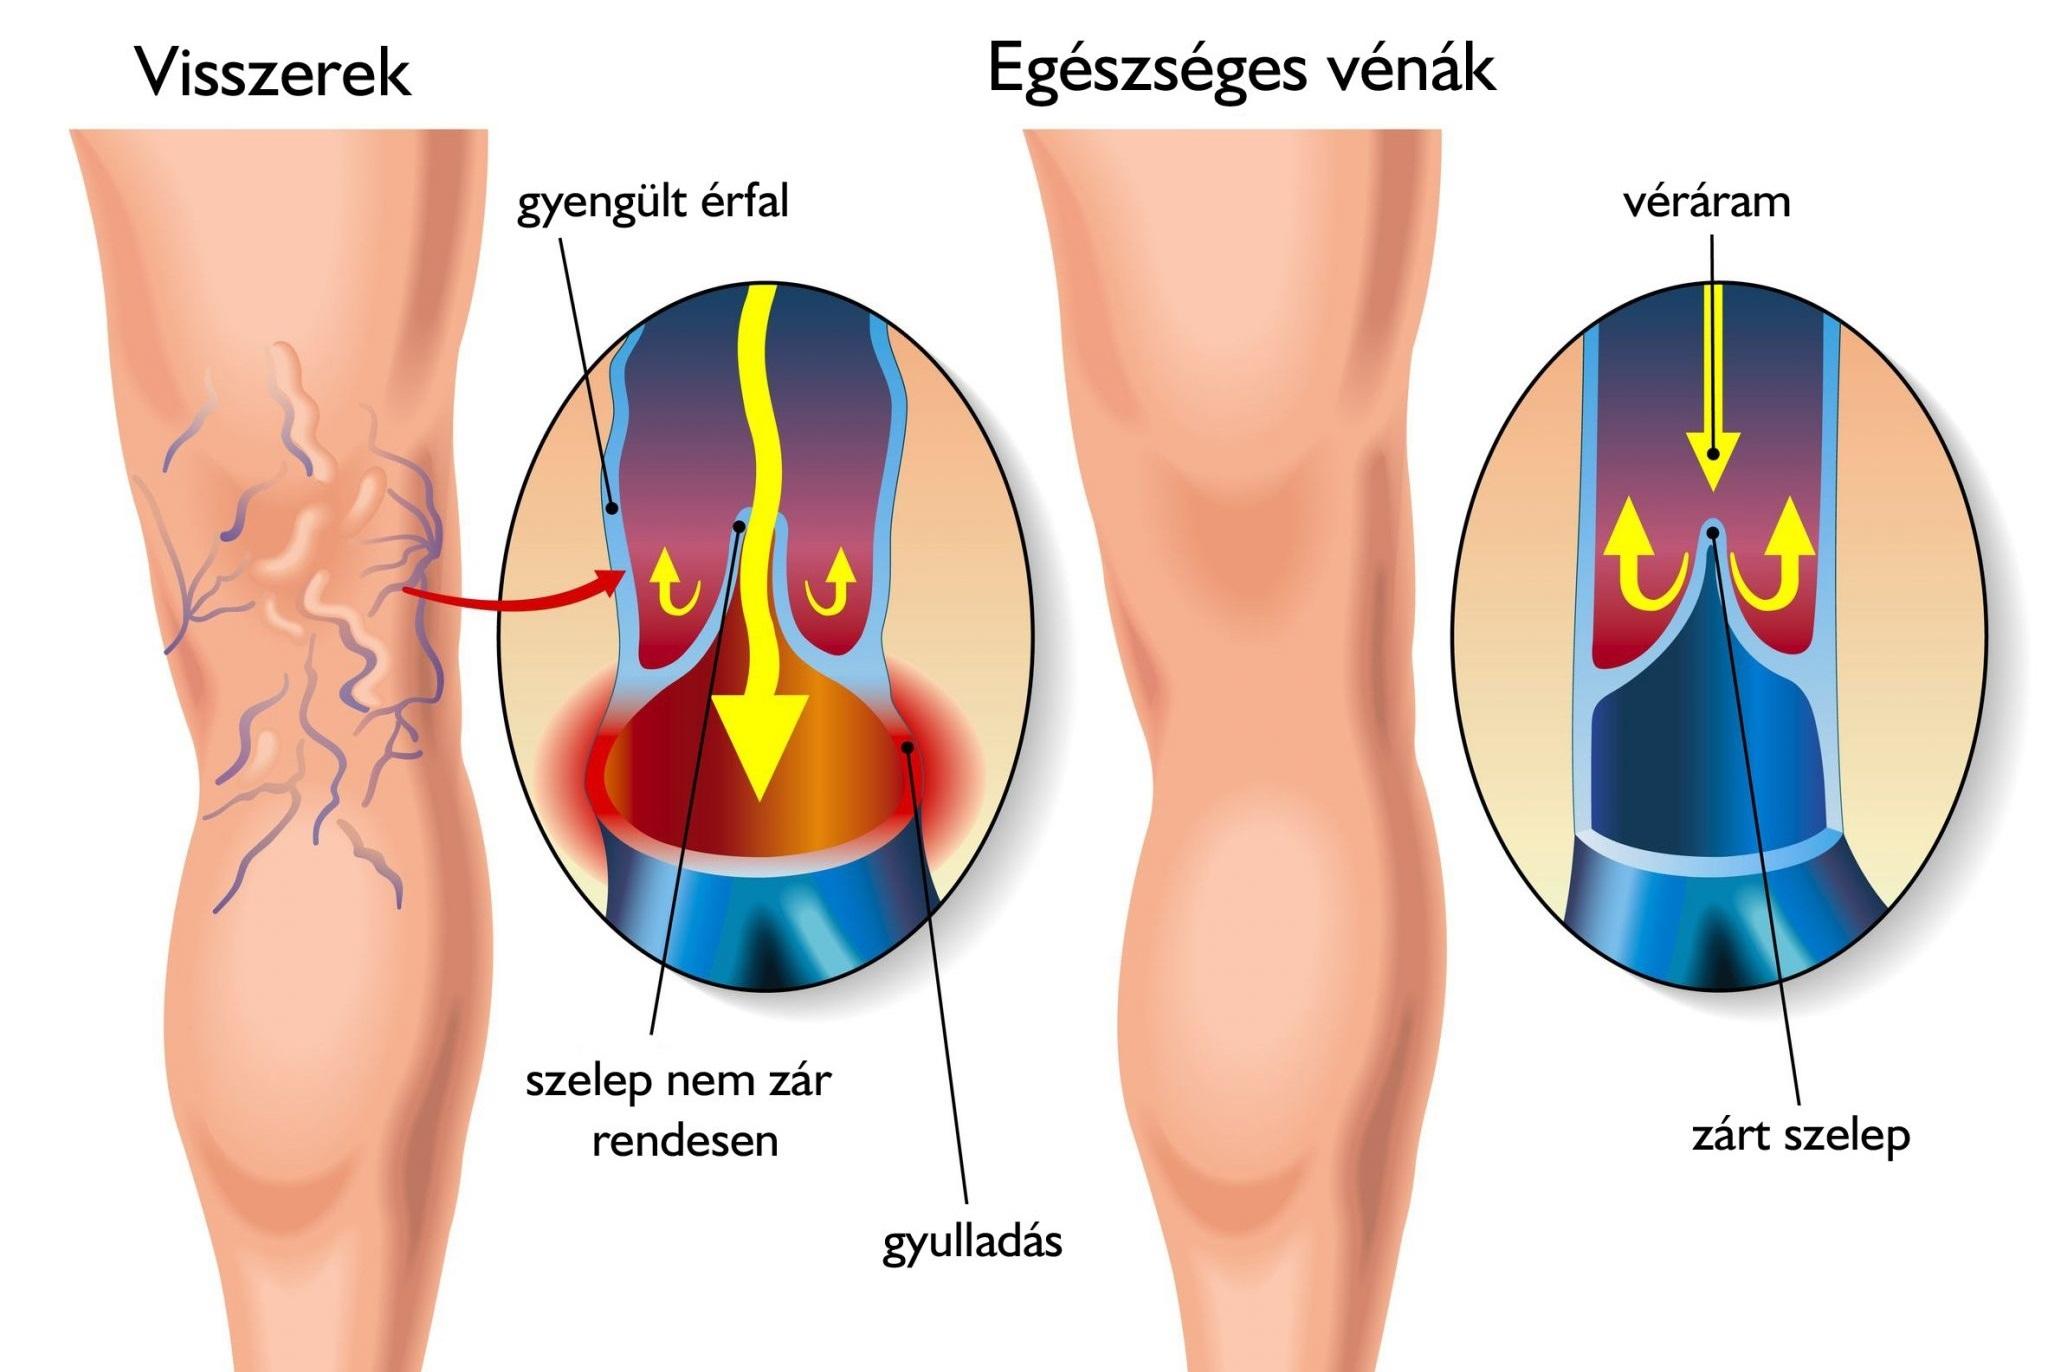 torna műtét után láb visszér visszér panchokhi